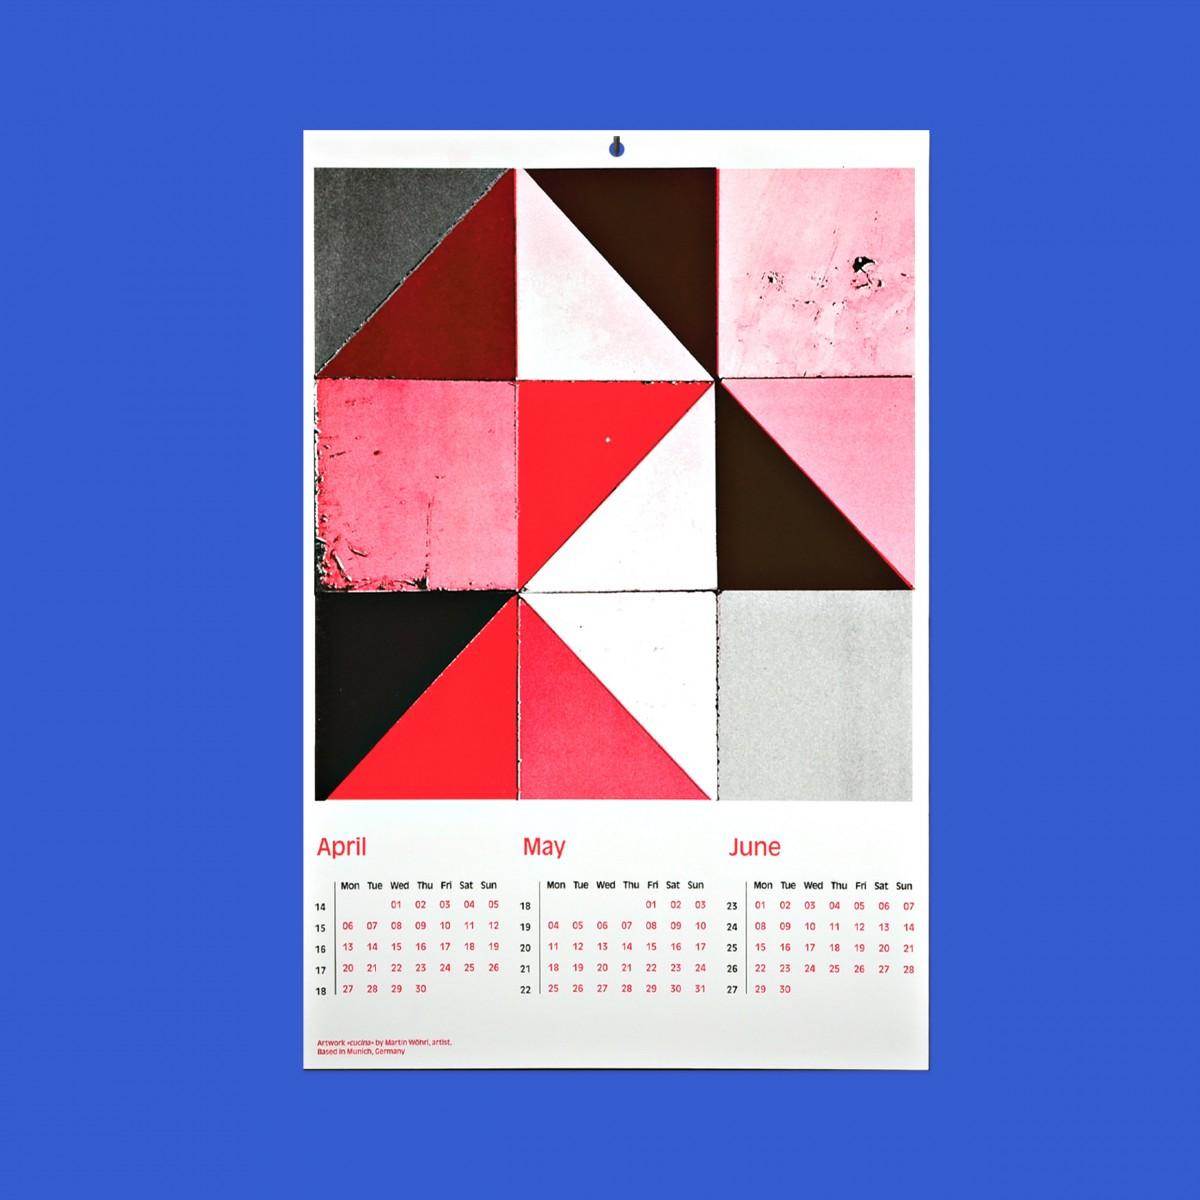 EVERYDAY ORNAMENTS Design 3-Monats Kalender 2020/ 4 Kunstdrucke von internationalen Künstlern/ DIN A3 Siebdruck-Stil in leuchtenden Farben